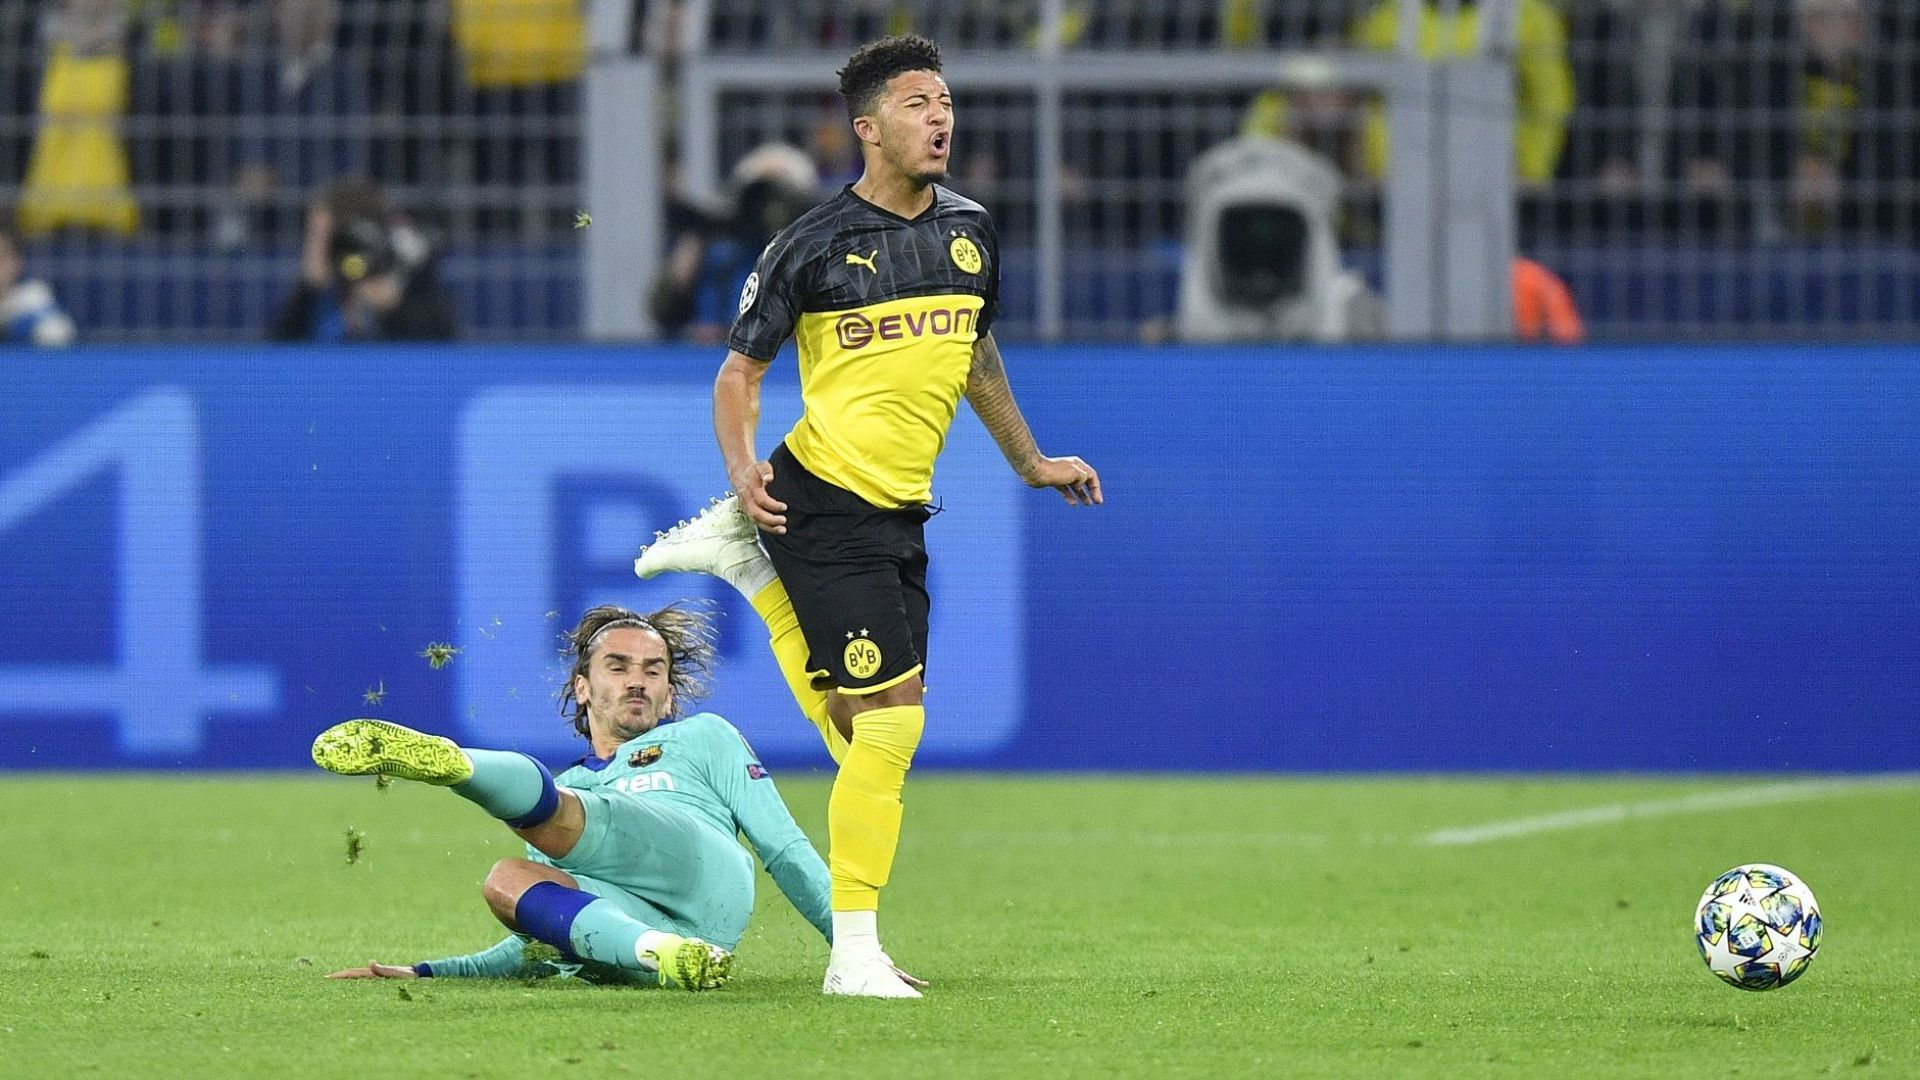 Дортмунд се примири - талант №1 си отива,  но срещу 140 млн. евро